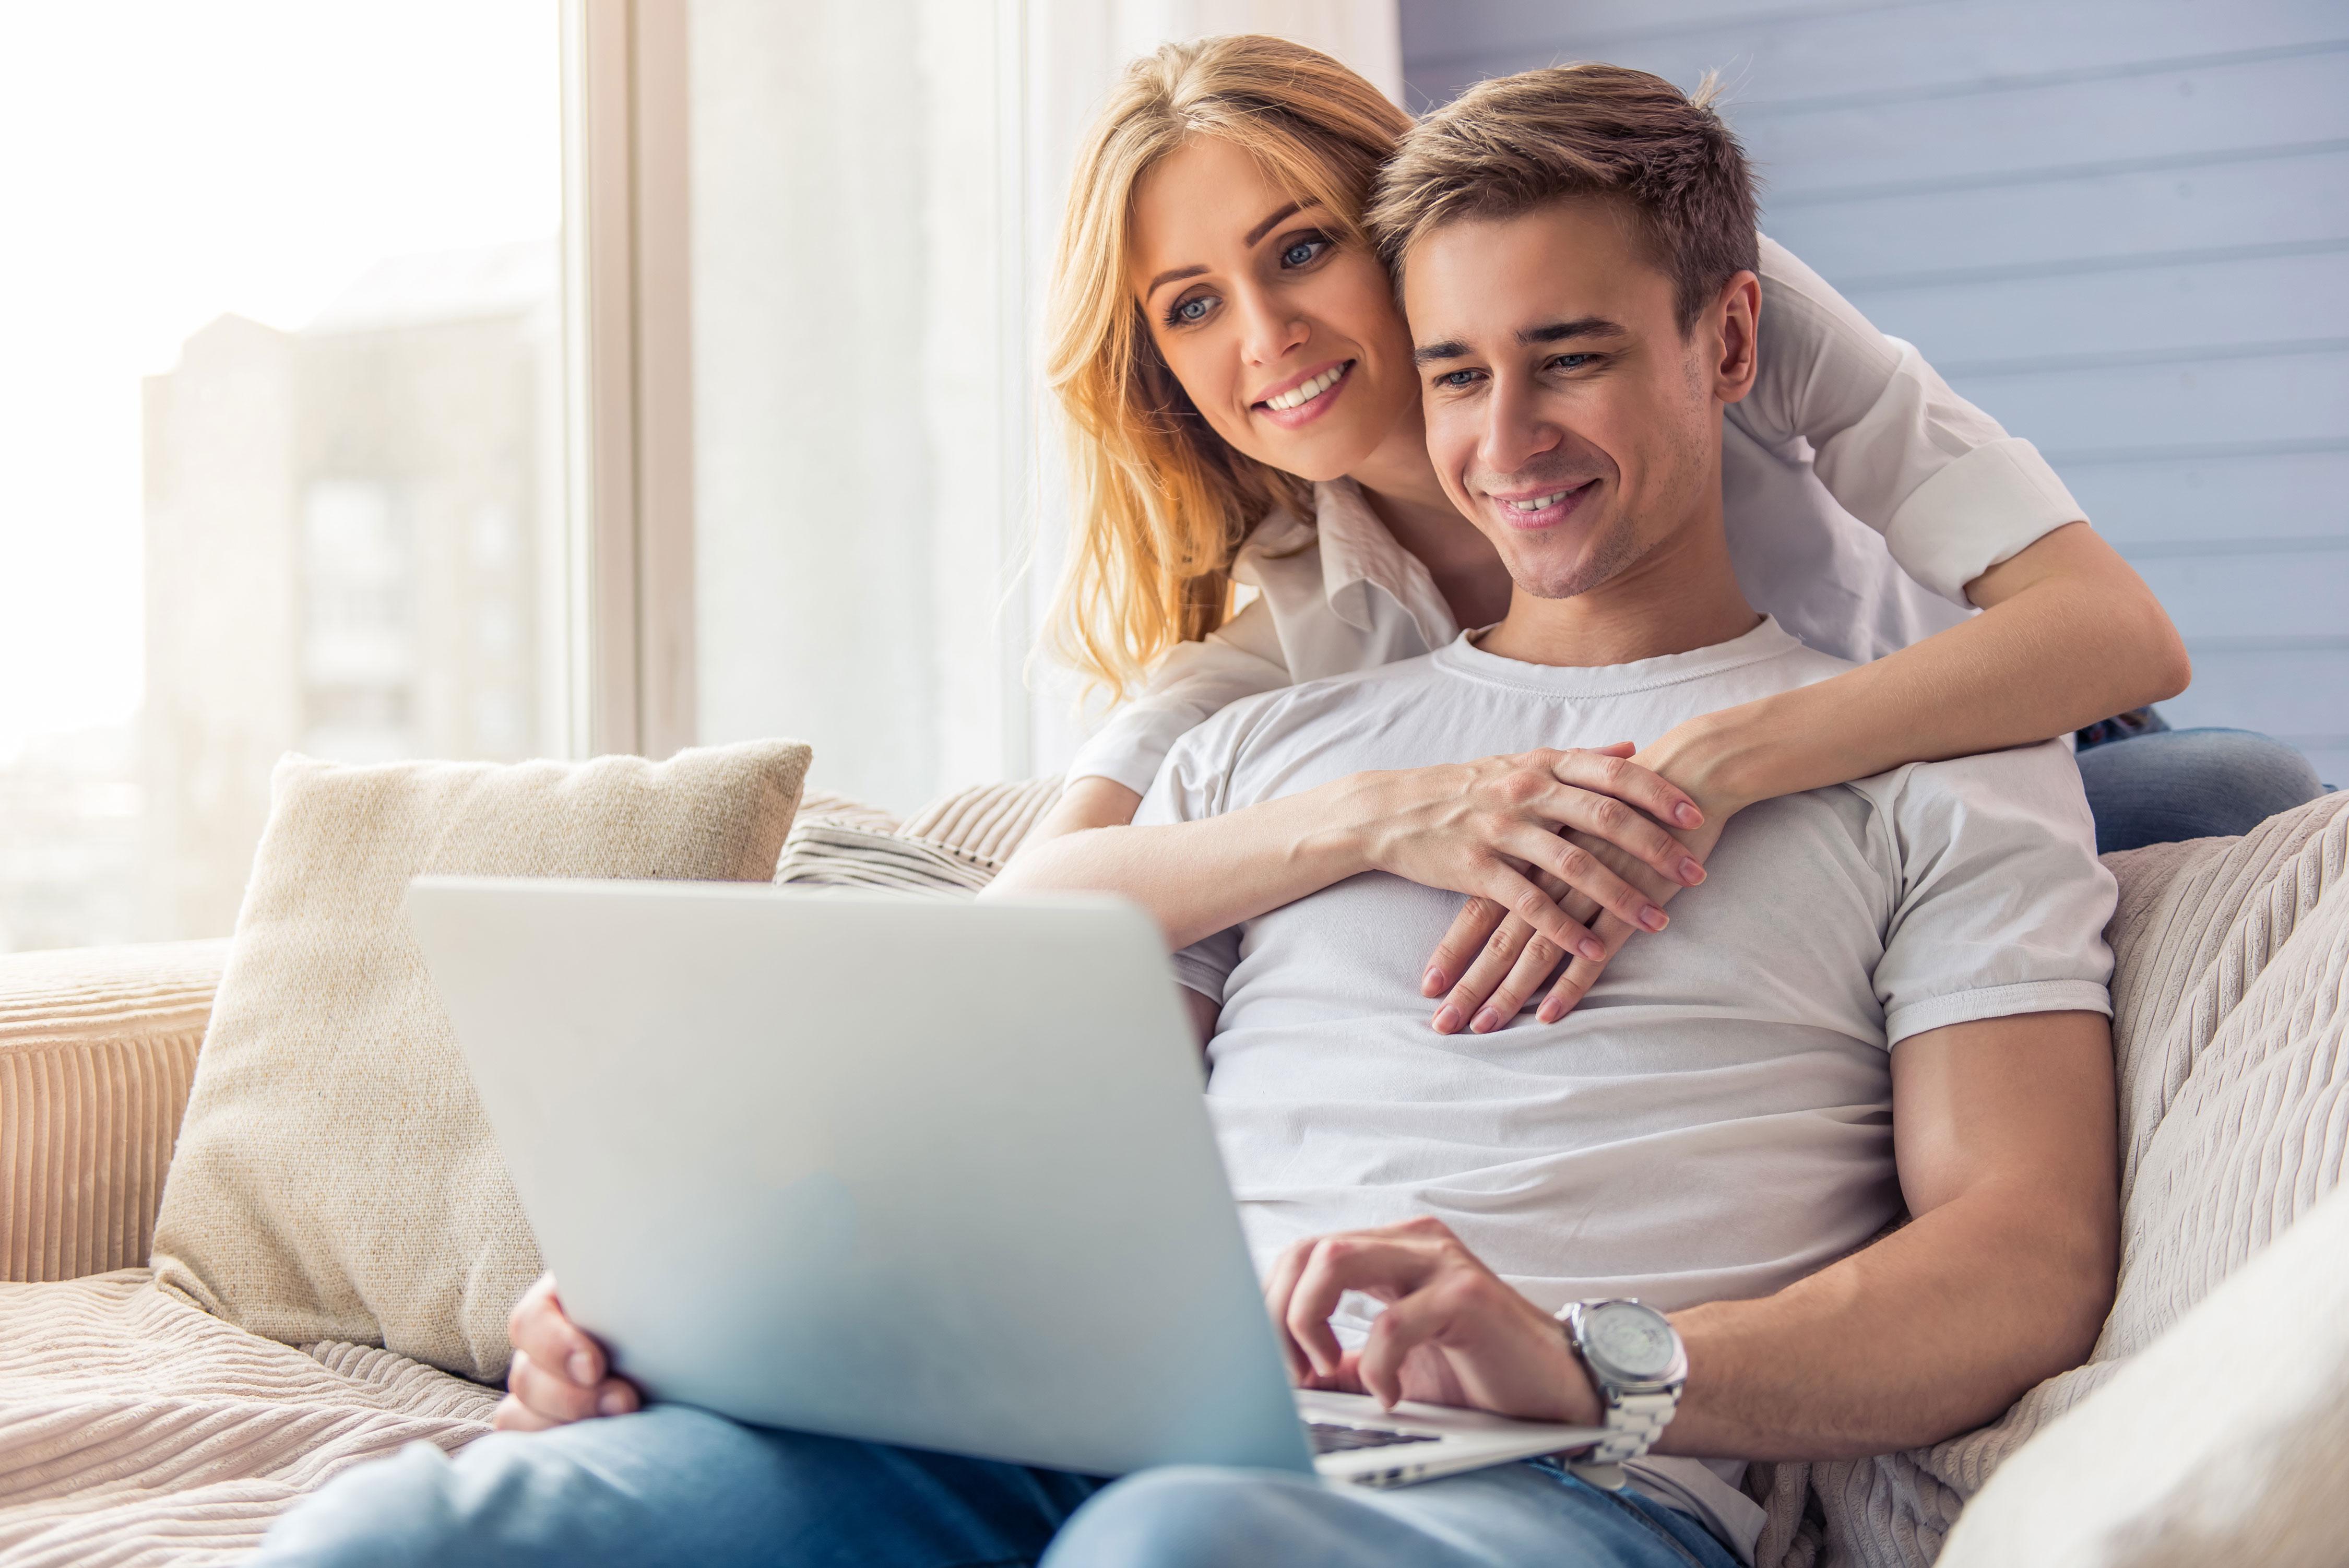 Junges Paar lächelnd auf Sofa mit Laptop